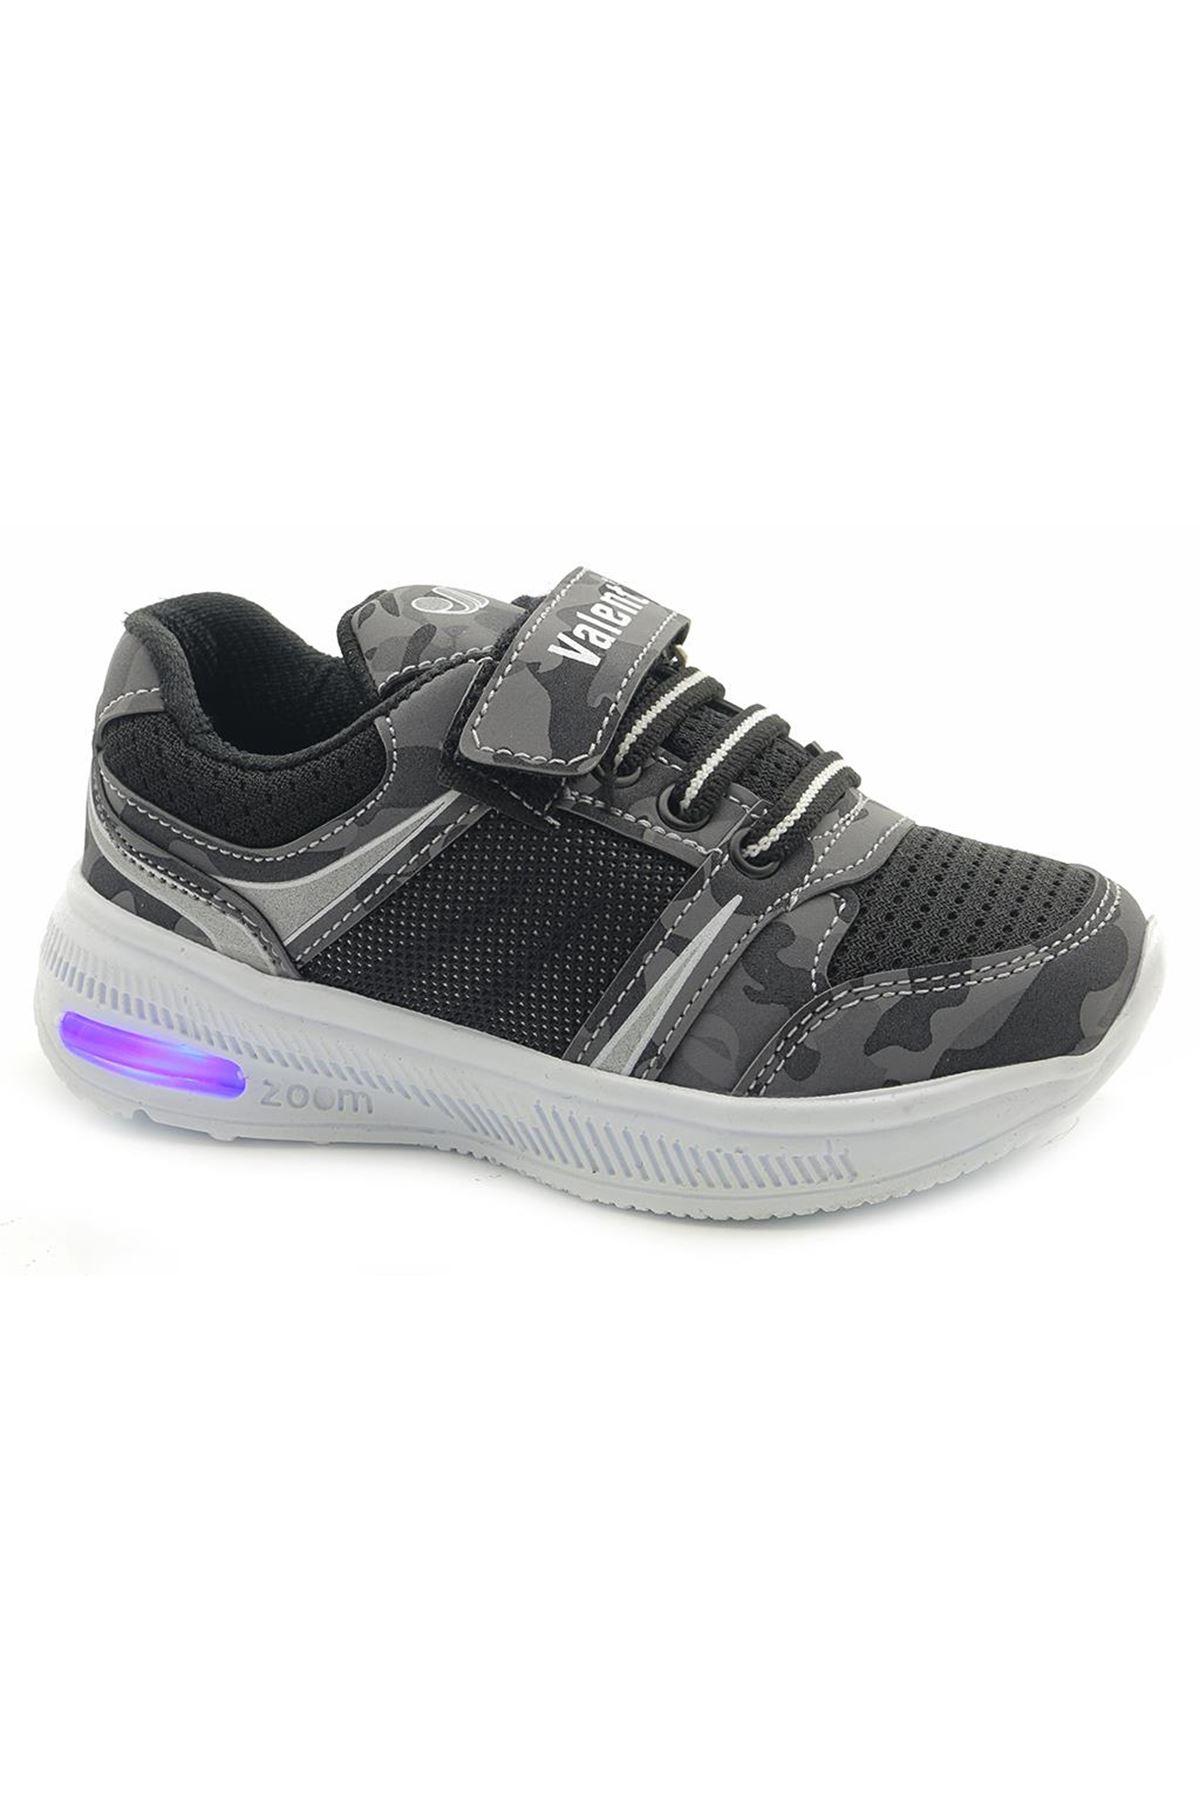 Kinetix Erkek Çocuk Anatomik Spor Ayakkabı